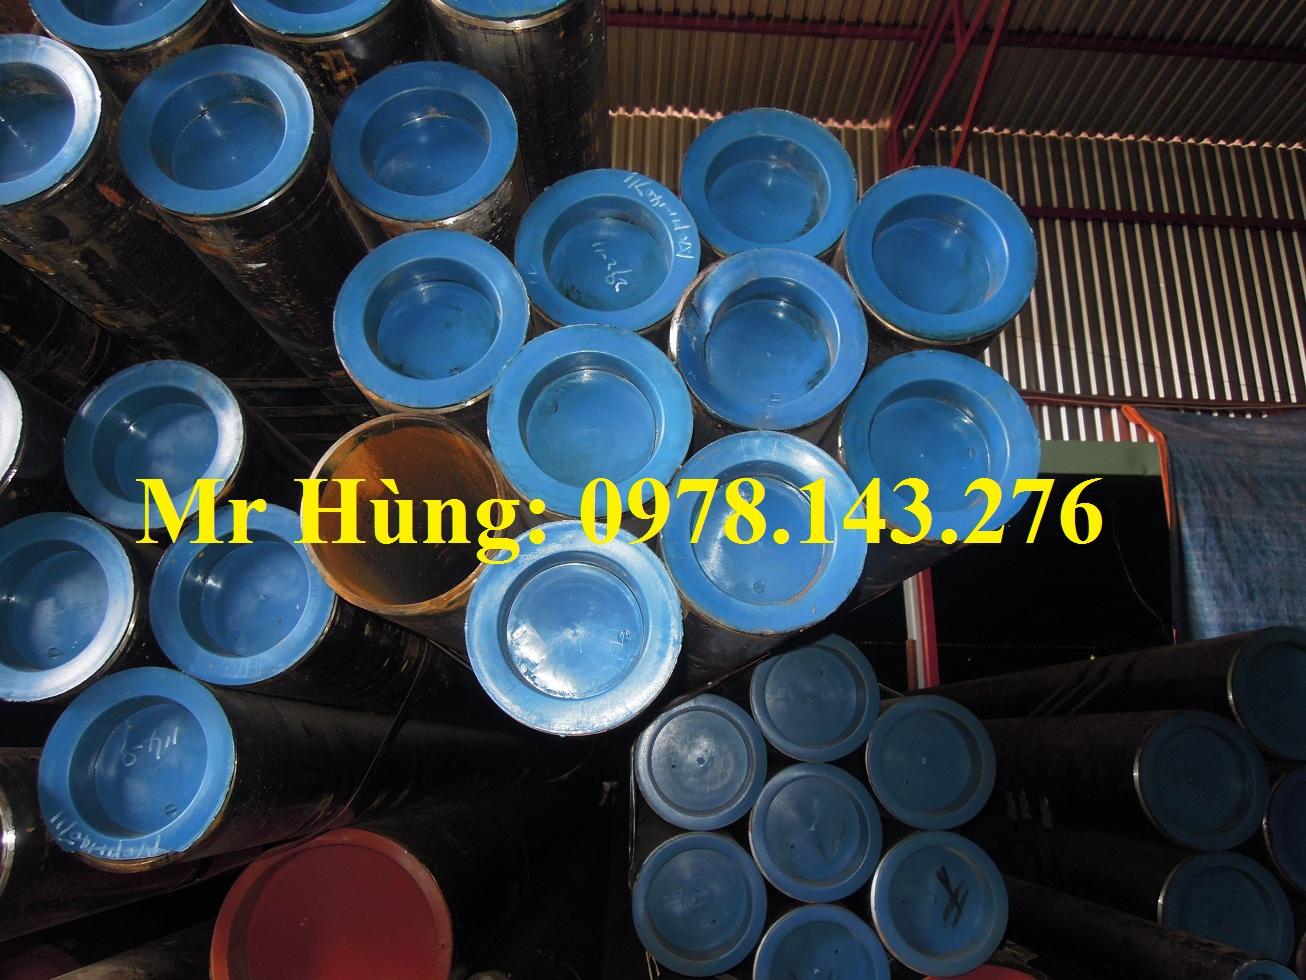 Ba53.Thép ống đúc phi 273 dn250, ống thép đen phi 406 dn400, phi 508.